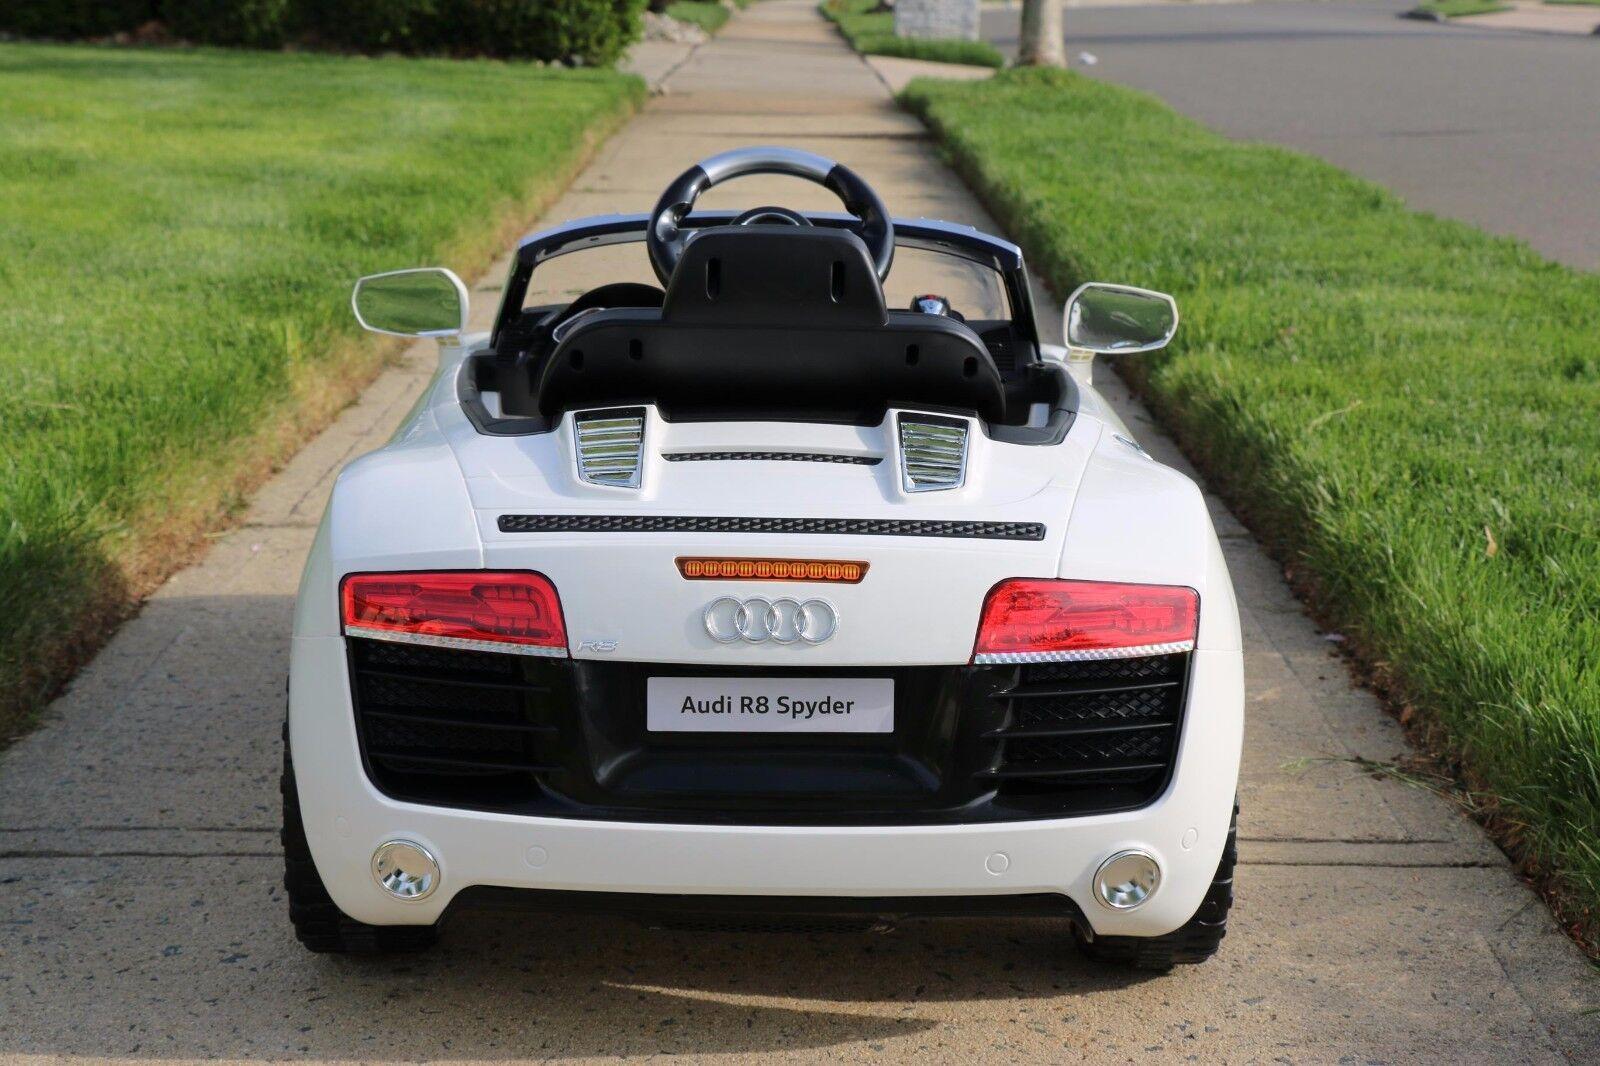 Audi r8 weiße lizenzierte doppelte elektromotor 12v kinder auto & fernbedienung